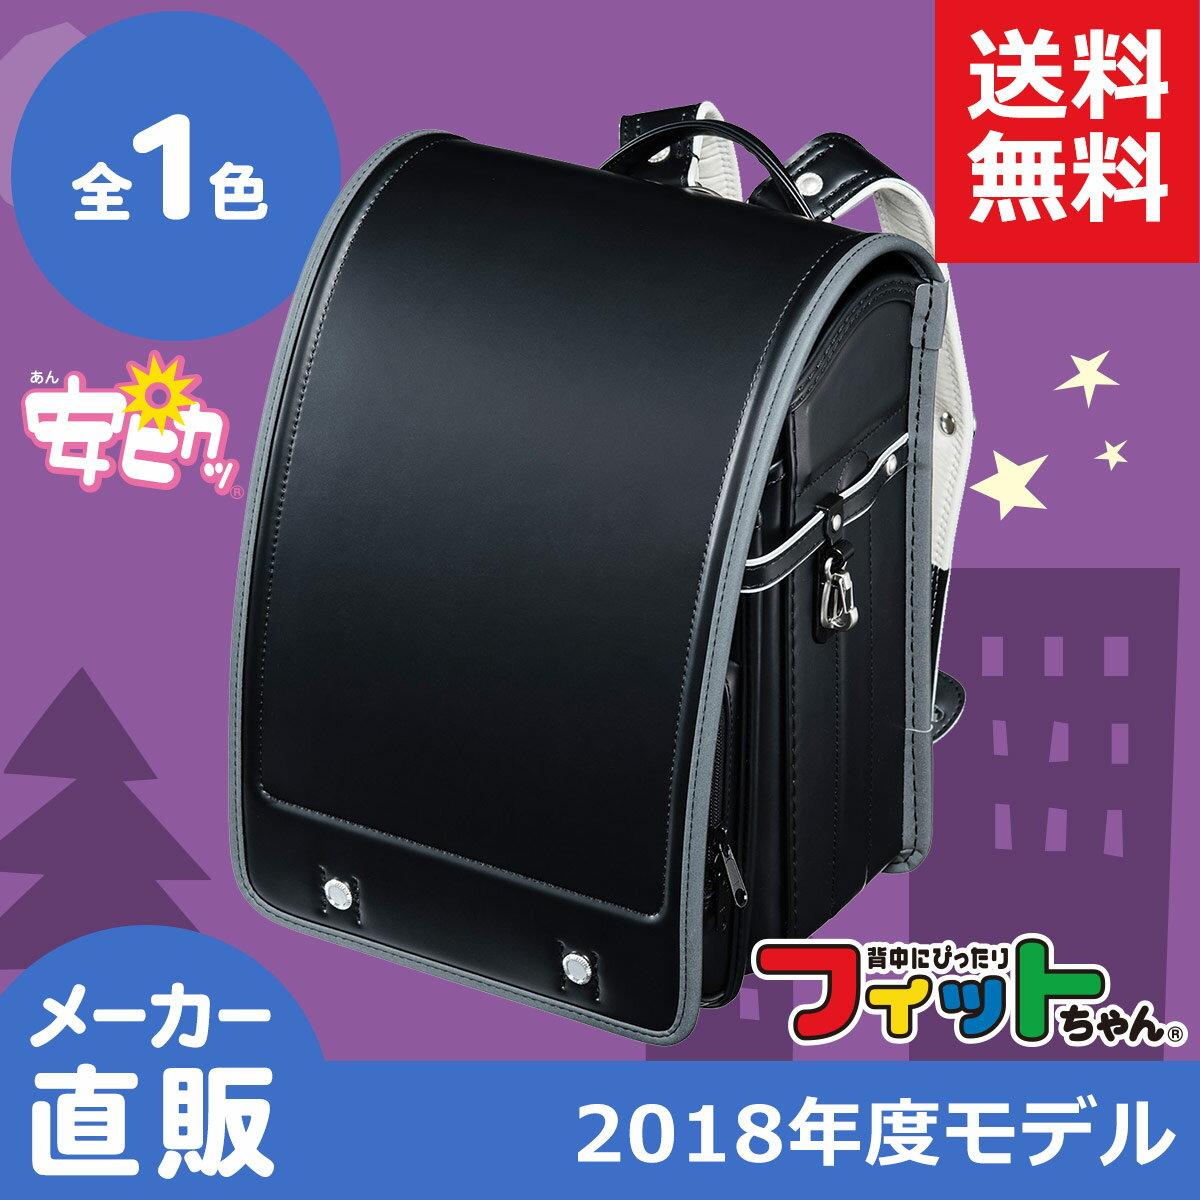 フィットちゃん201AZ 安ピカッタイプ プレミアムフィットちゃんランドセルA4フラットファイル収納サイズ:フィットちゃんランドセルSHOP